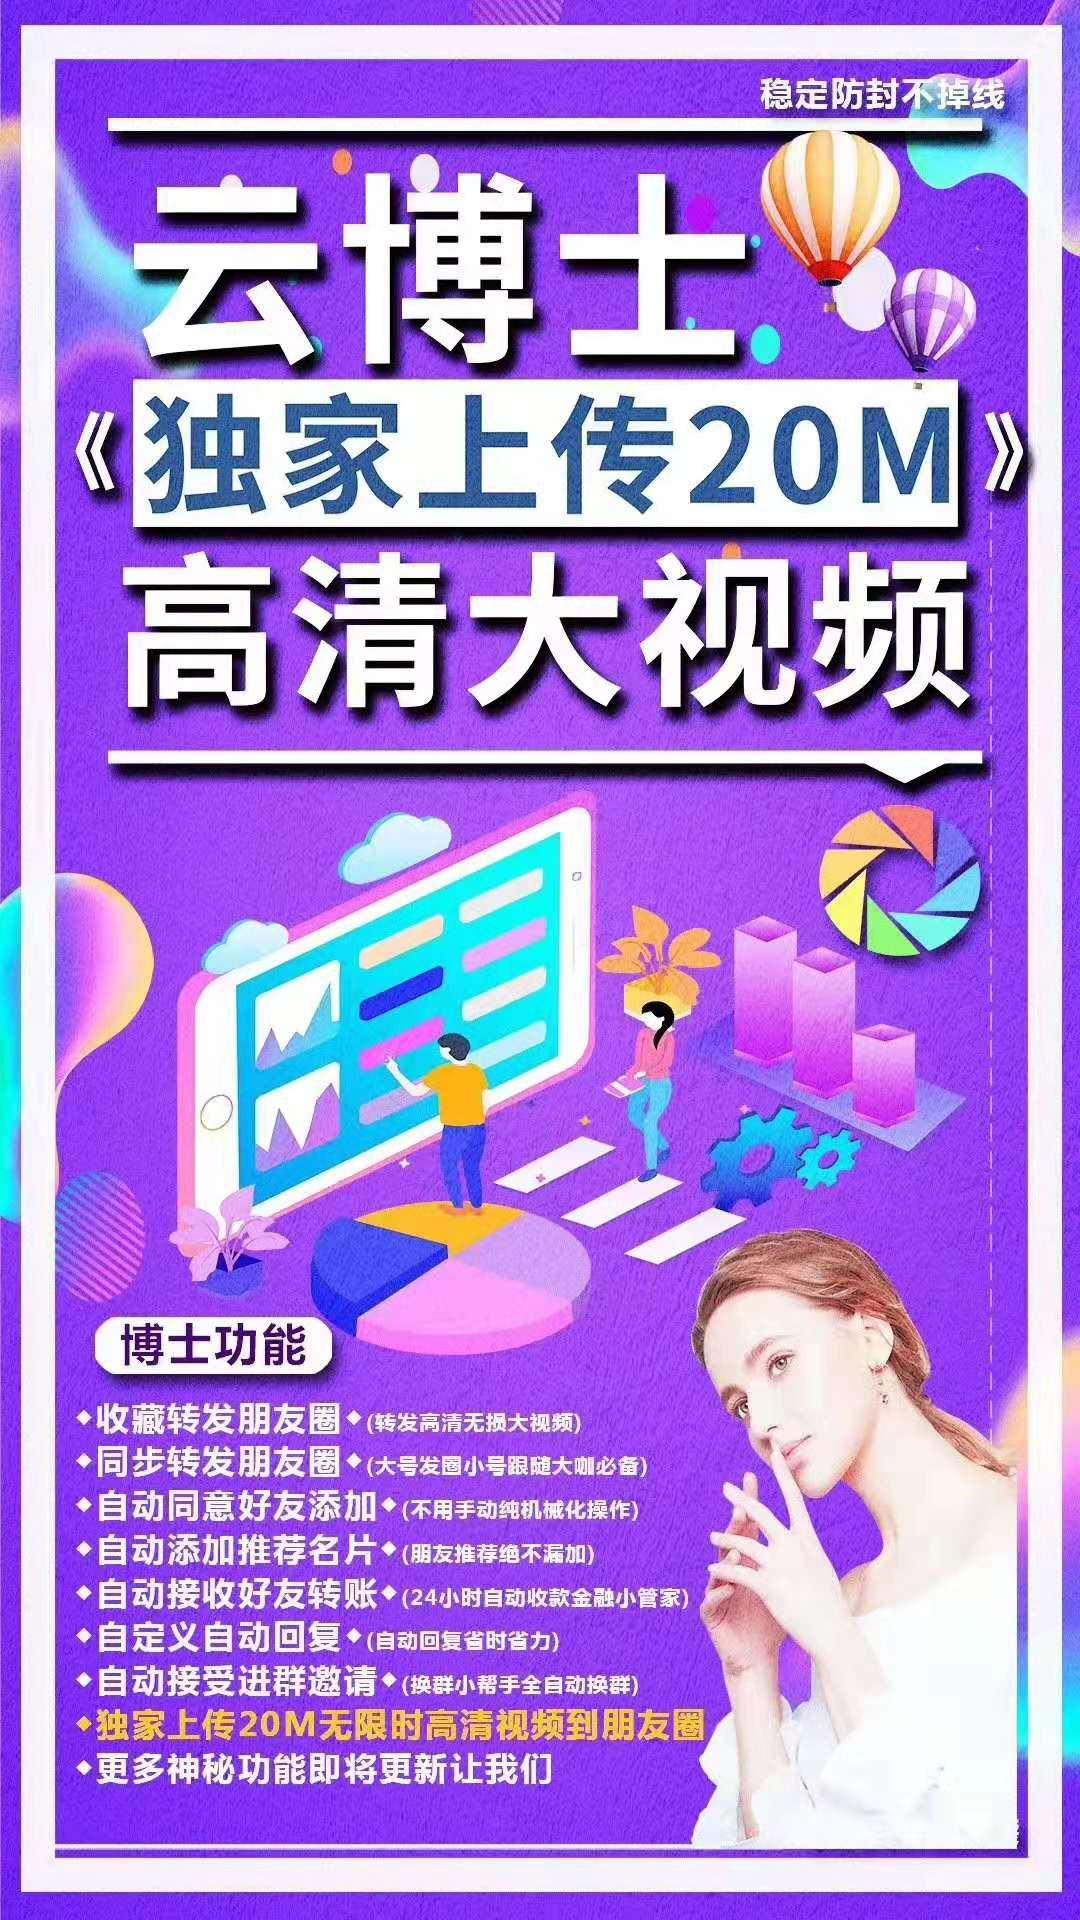 【云博士官网】云端转发可发本地大视频 官方正版激活码